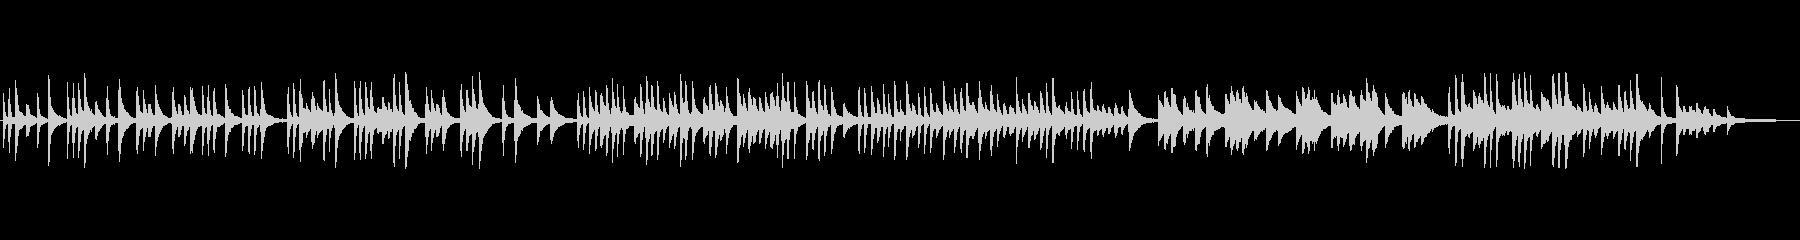 シンプルで静かなヒーリング系ピアノソロの未再生の波形